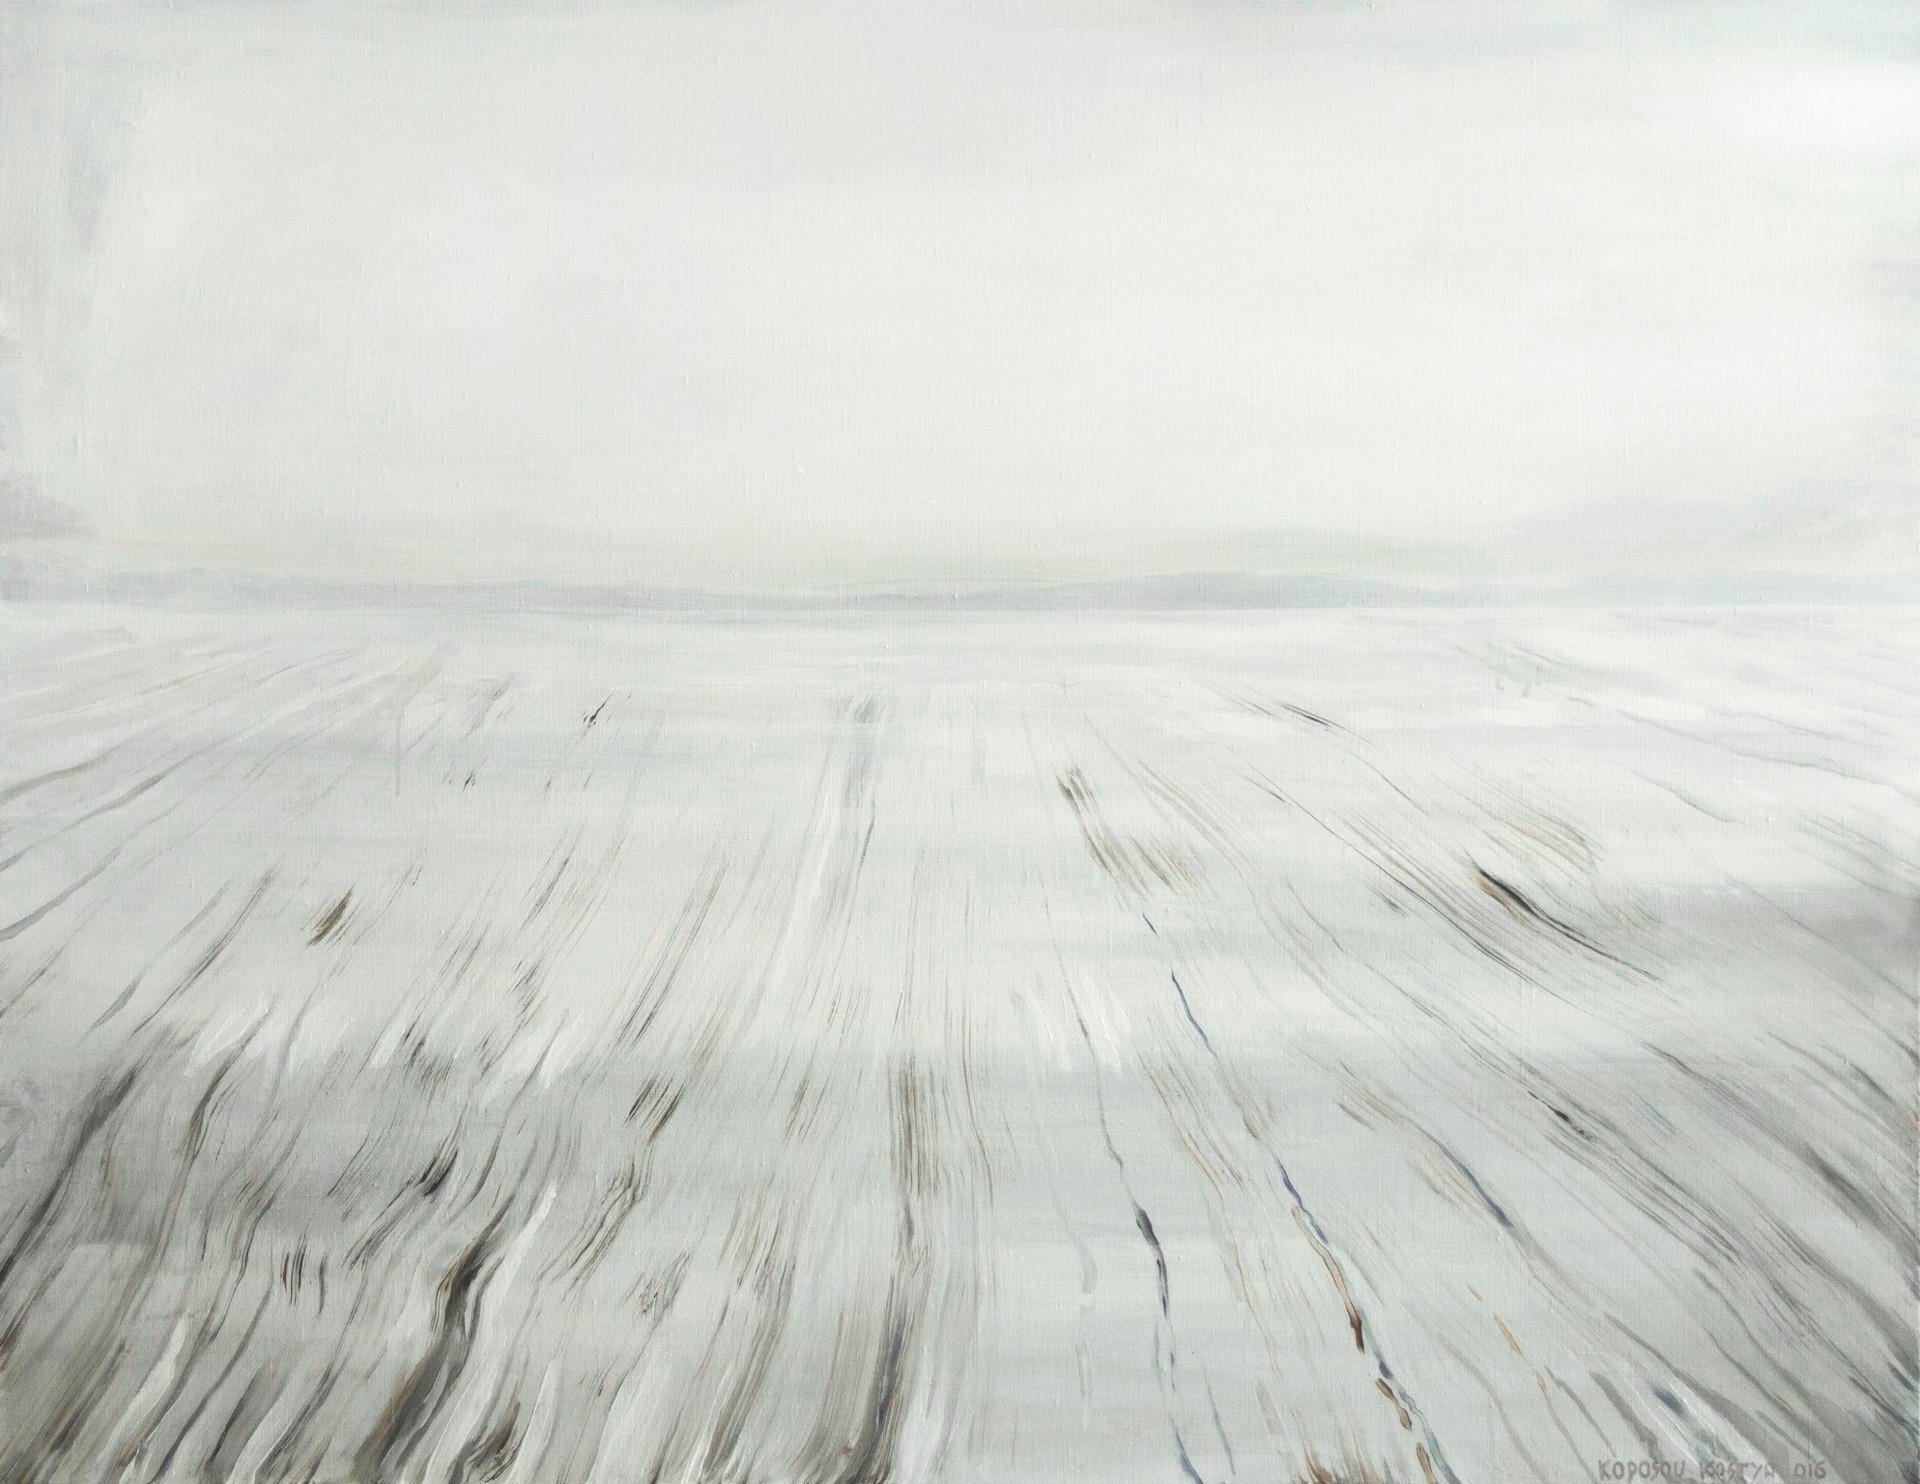 Зимовий пейзаж, полотно, акрил, 110х140